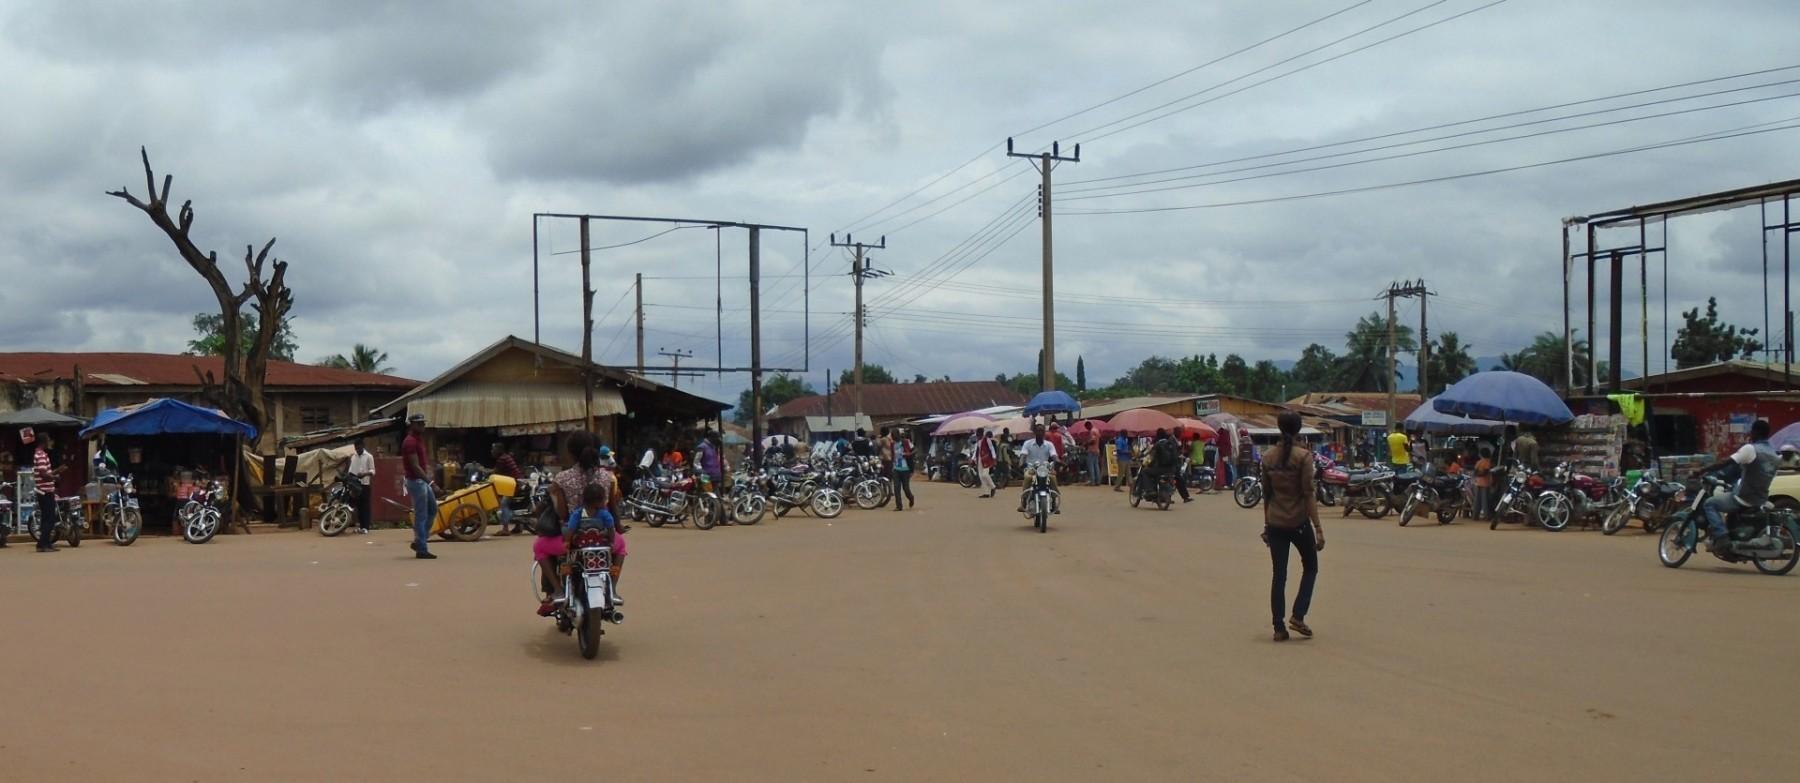 Hlavní náměstí v Obudu